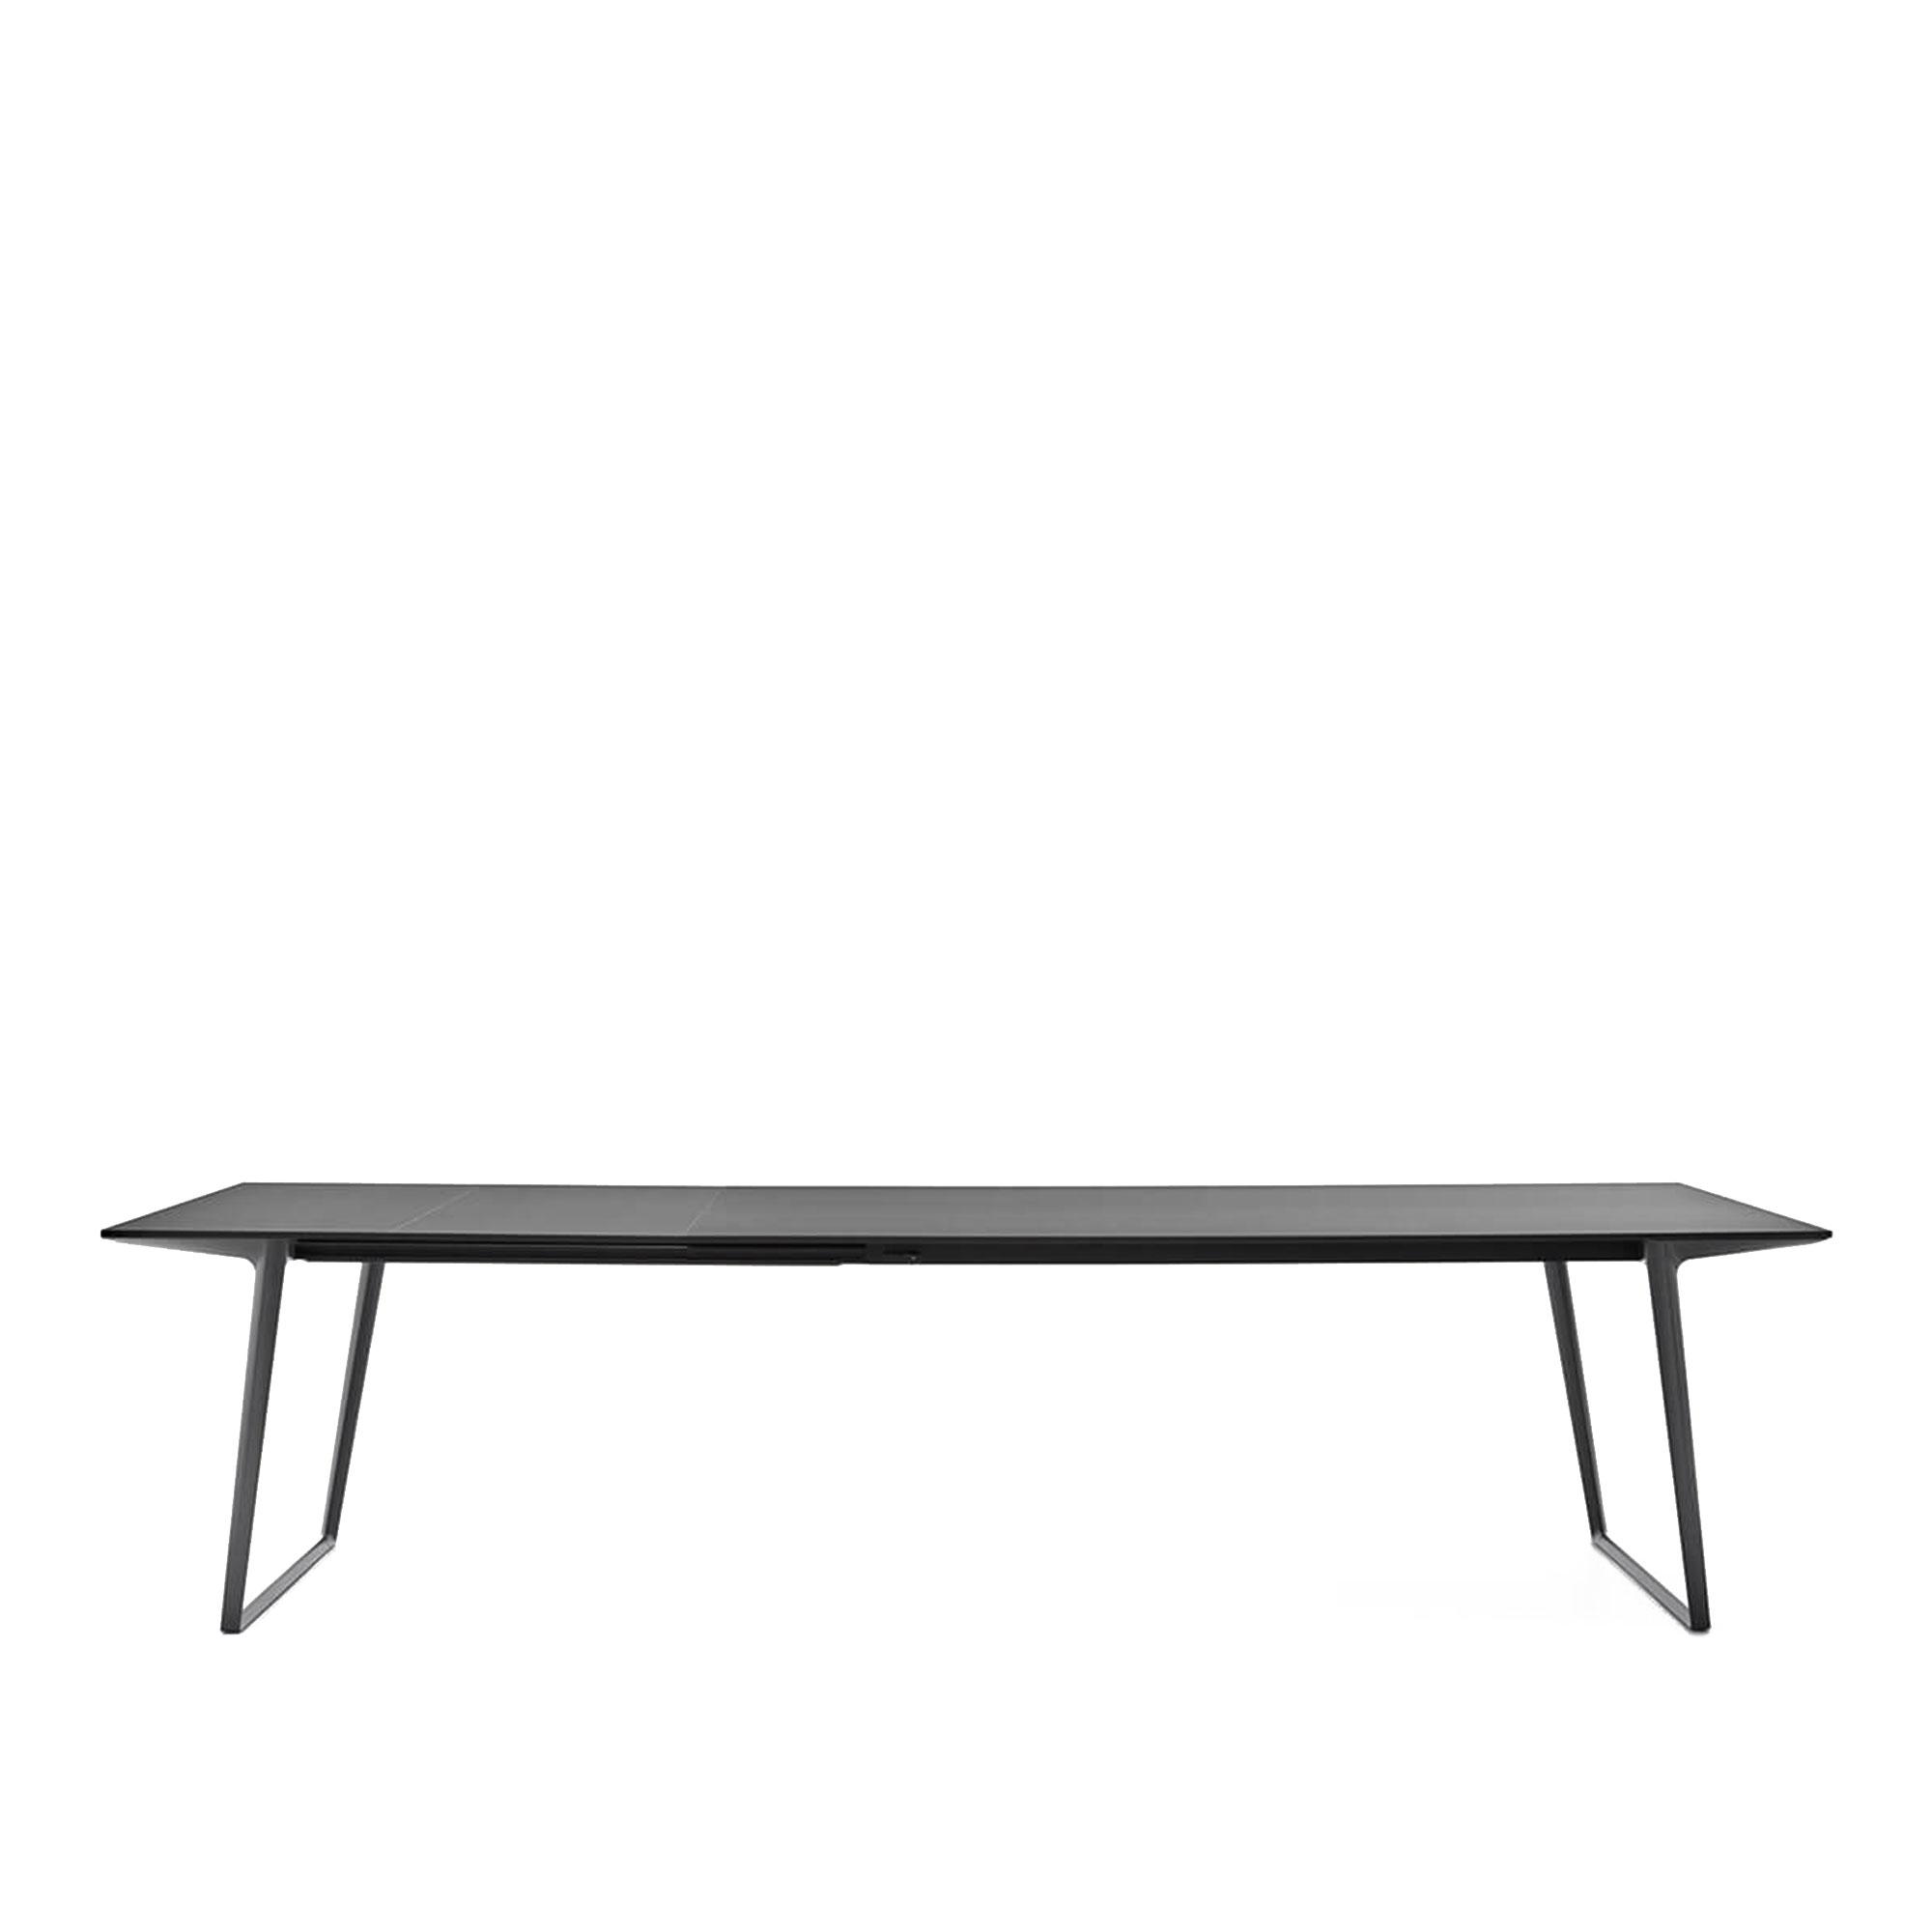 288423538601 Köp Axy Extension Table från MDF Italia | Nordiska Galleriet